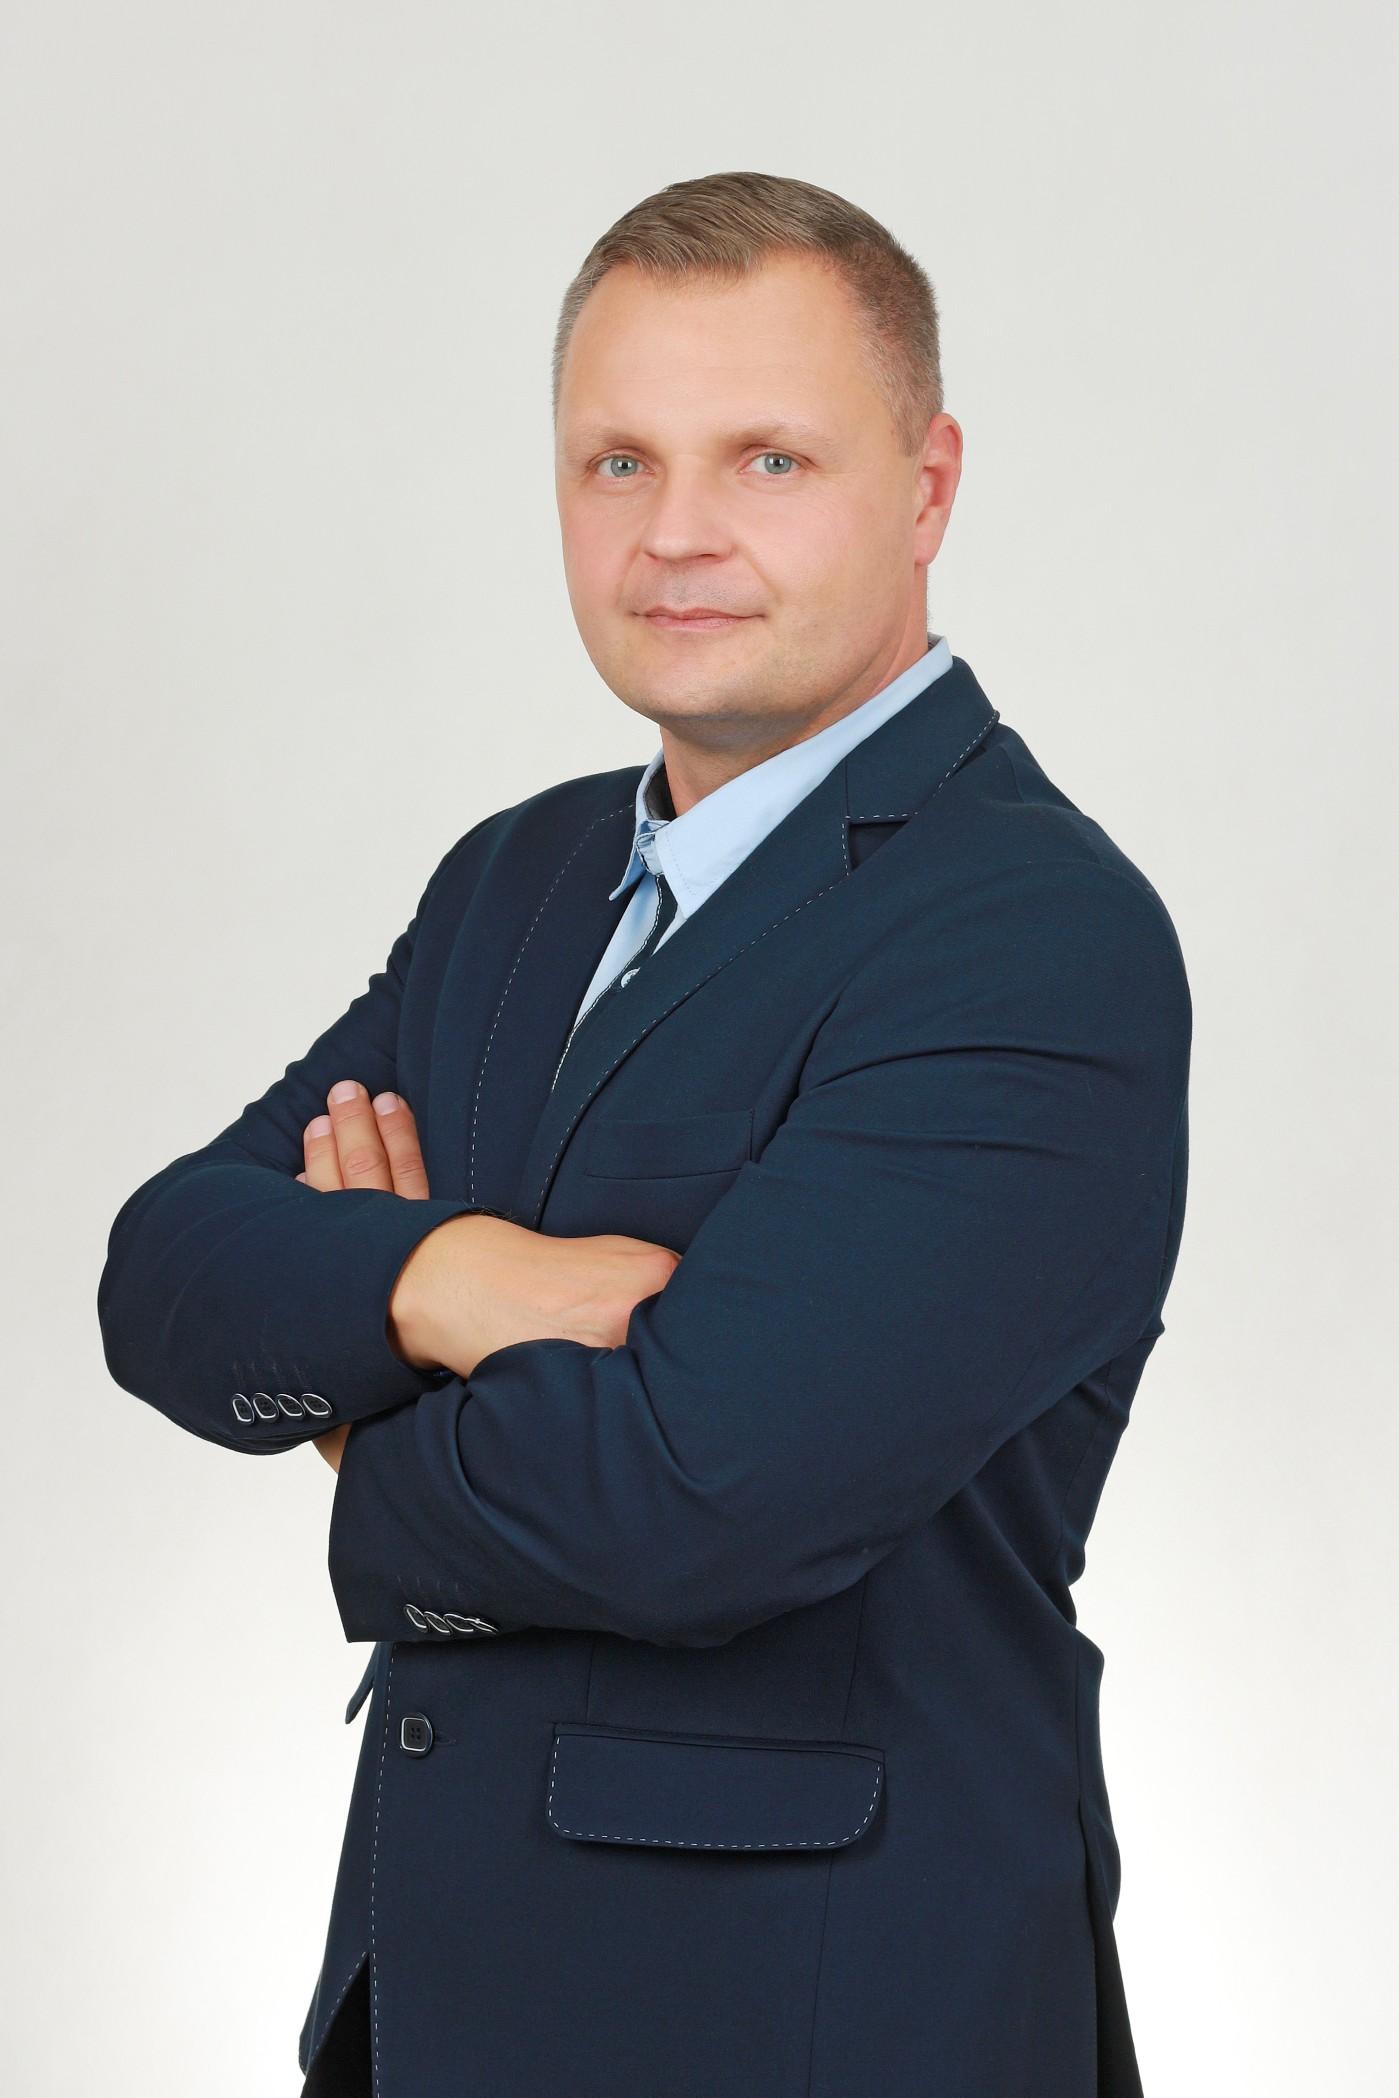 Artur Mokracki - ASTONS Nieruchomości